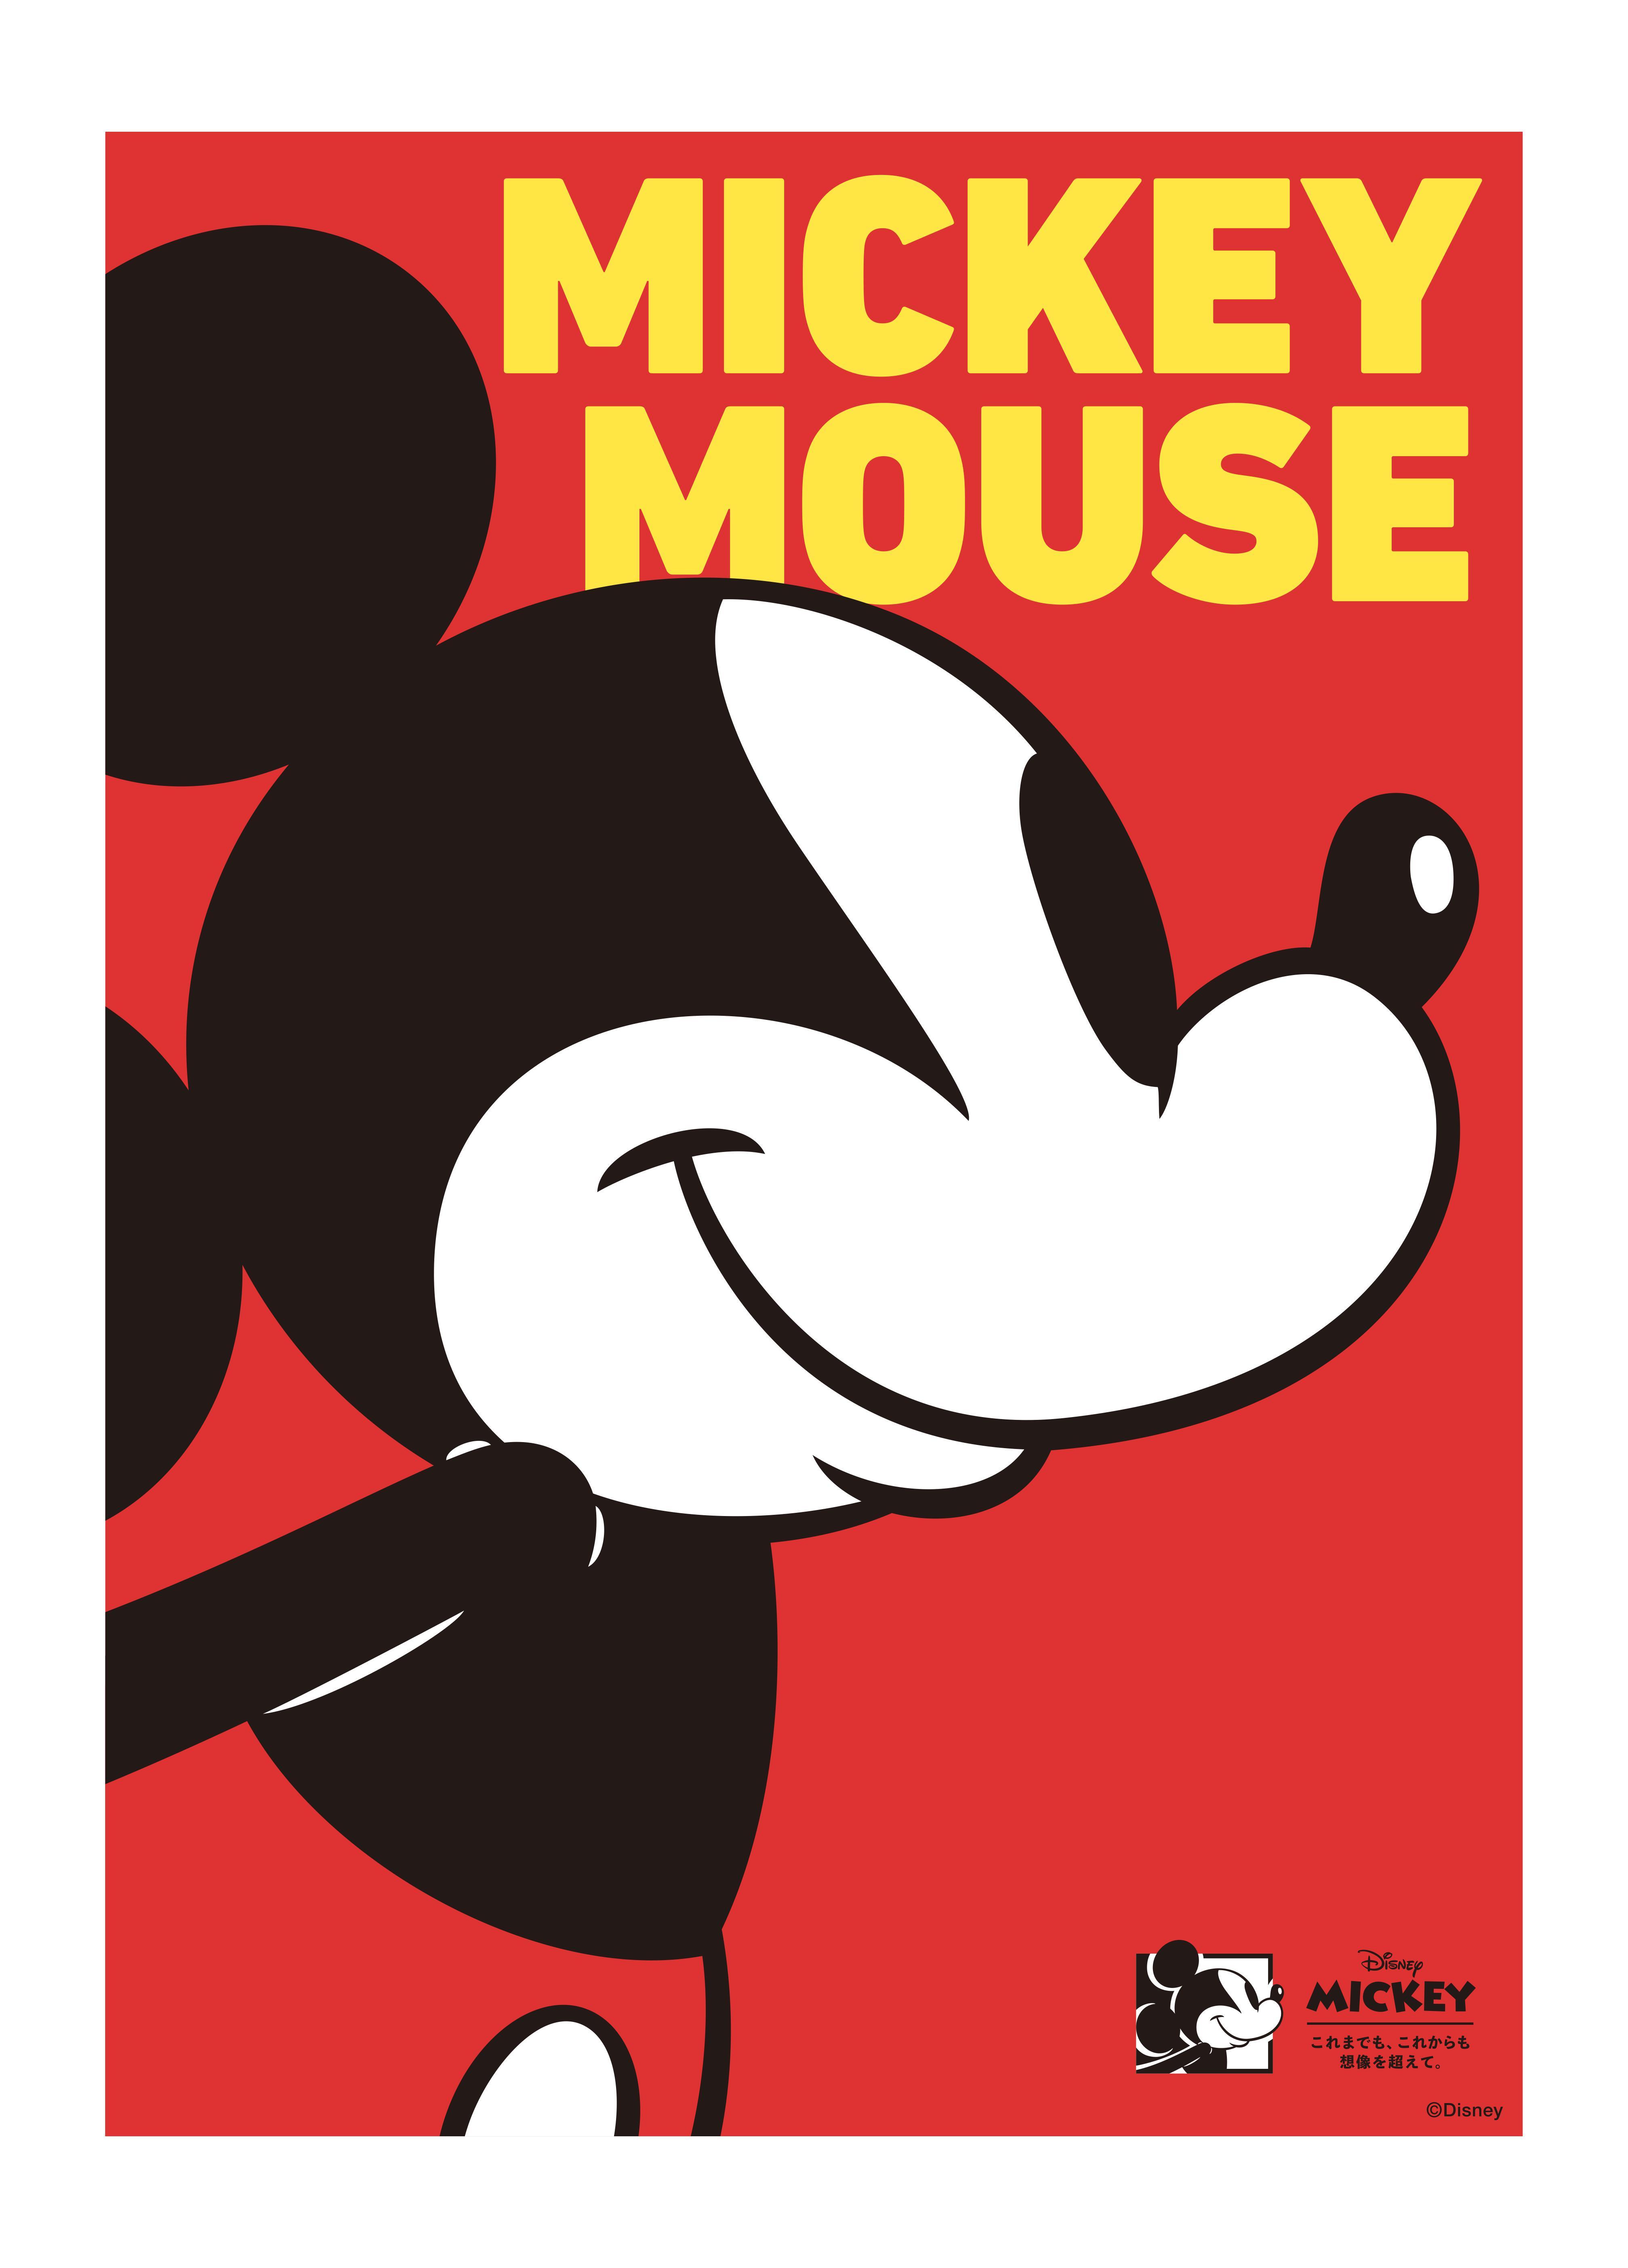 ミッキーマウスのプロモーション「これまでも、これからも、想像を超えて